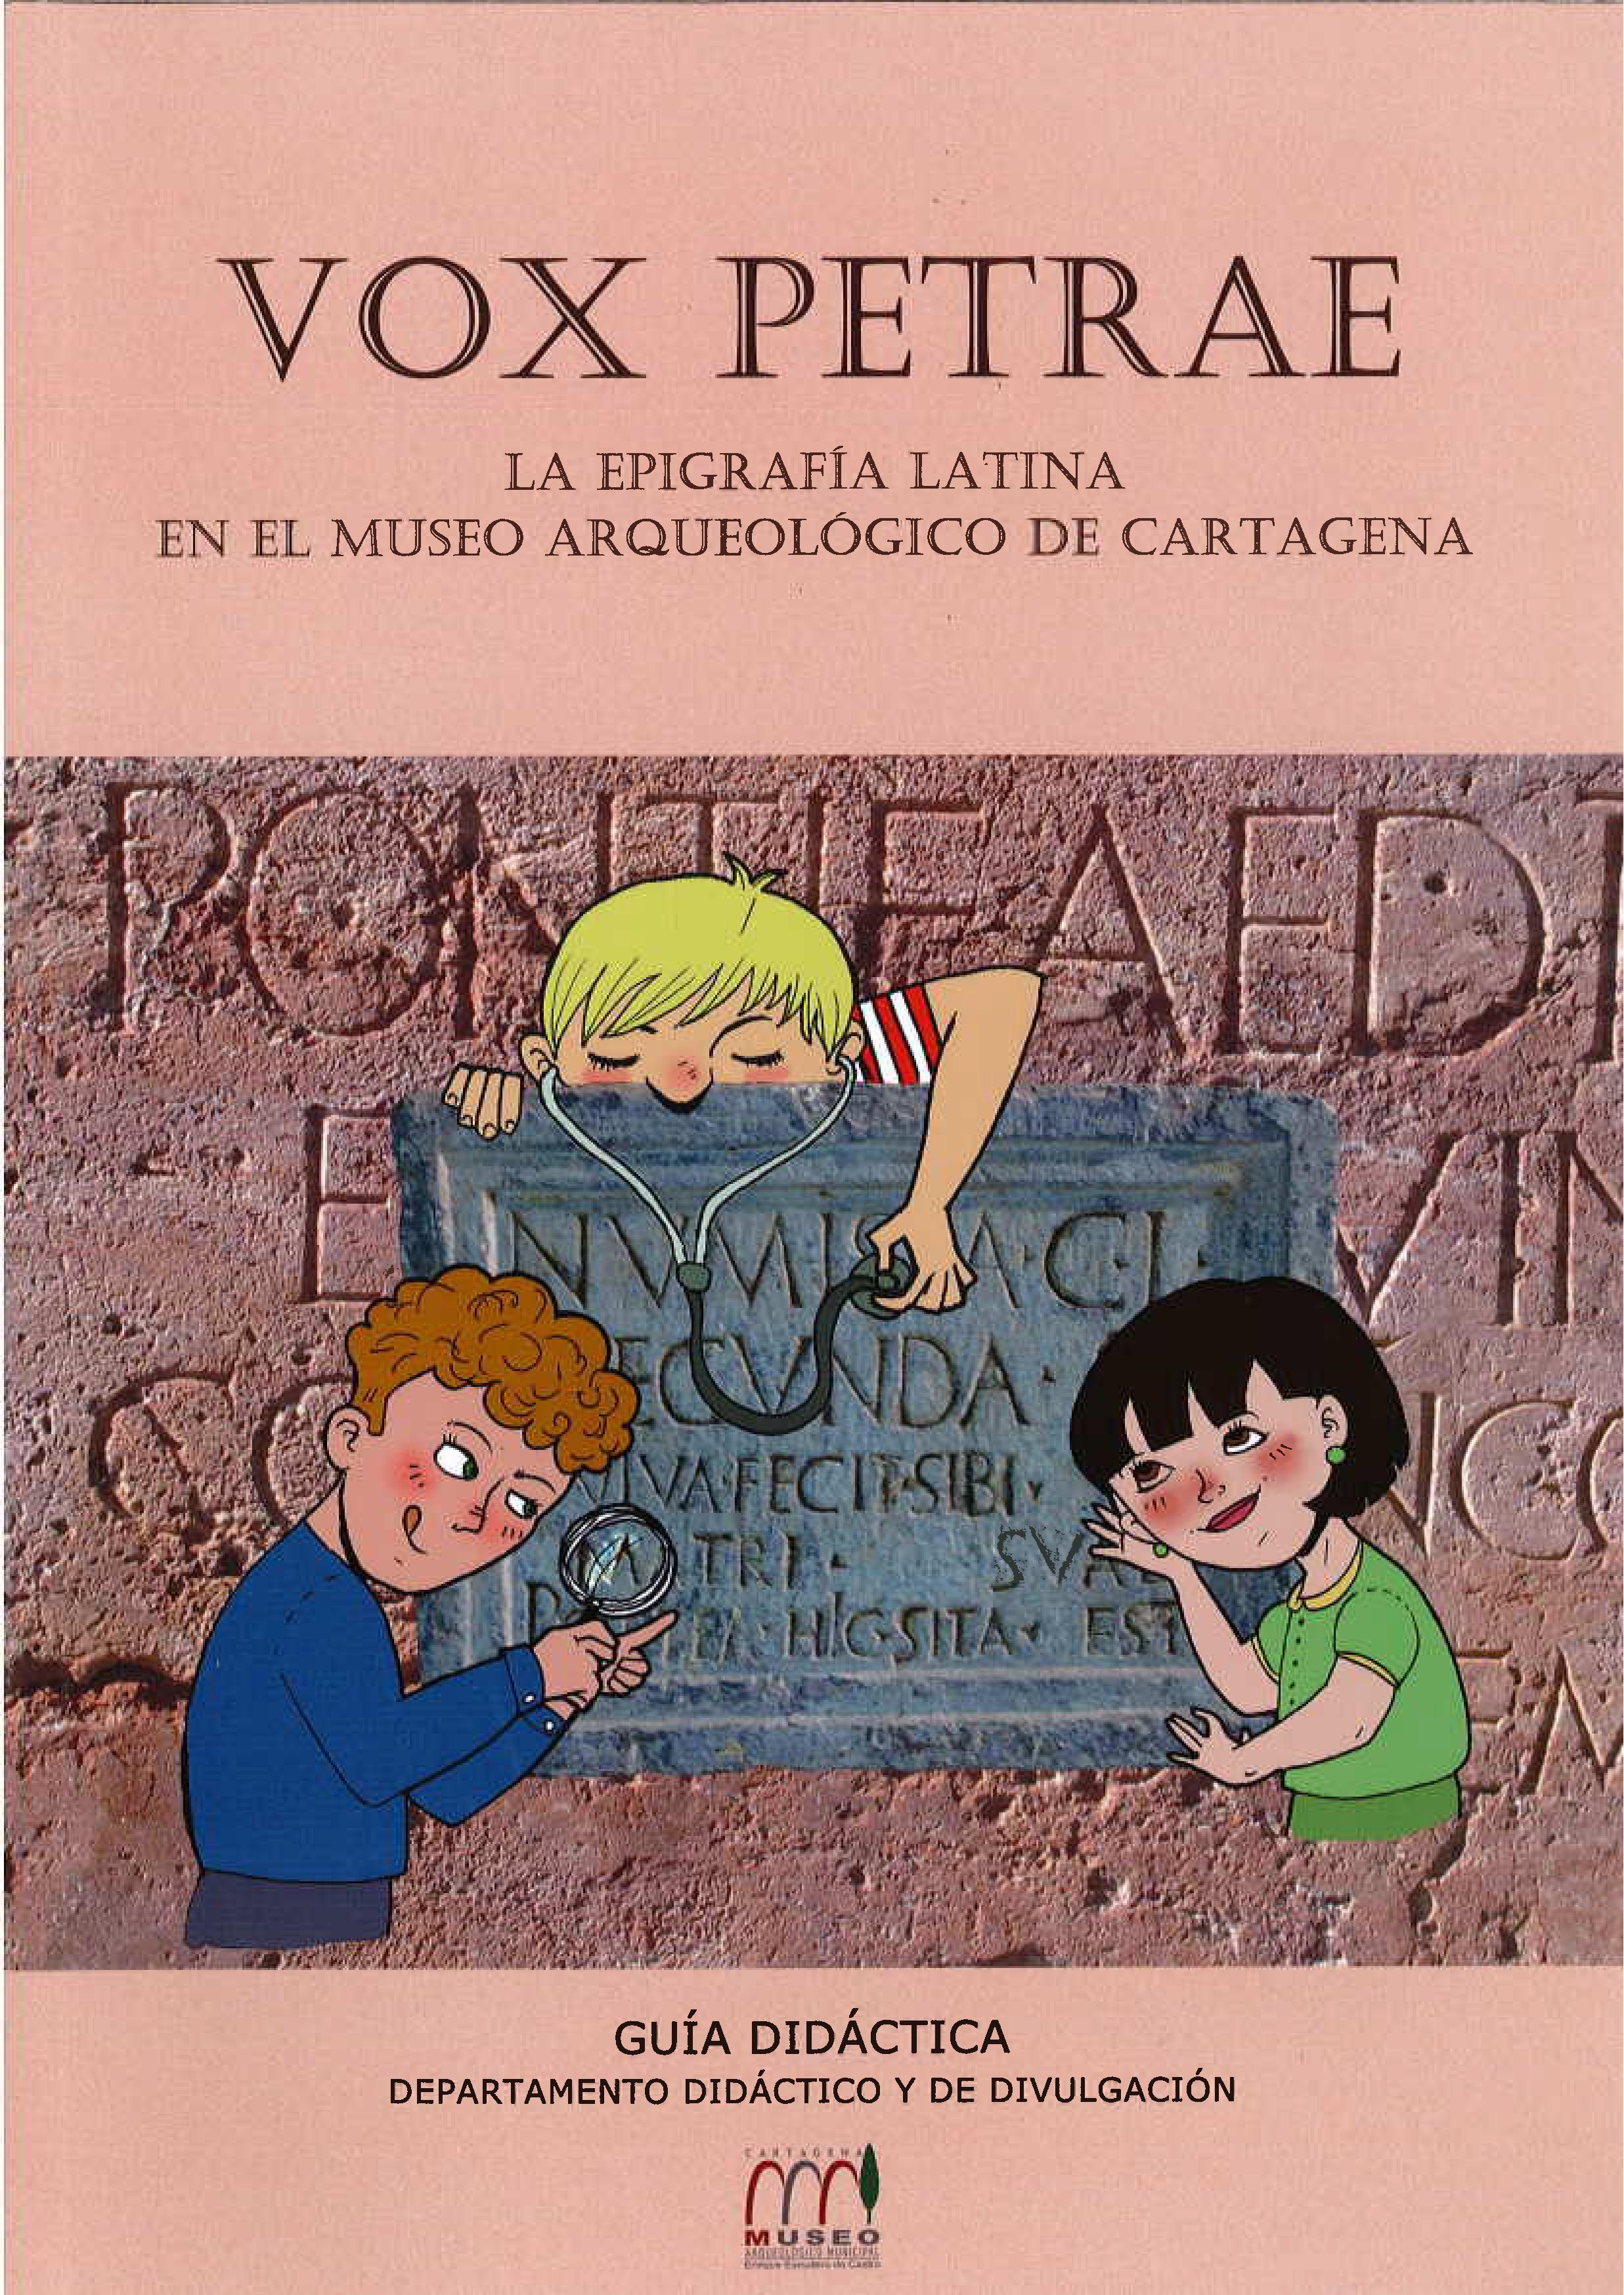 Vox Petrae